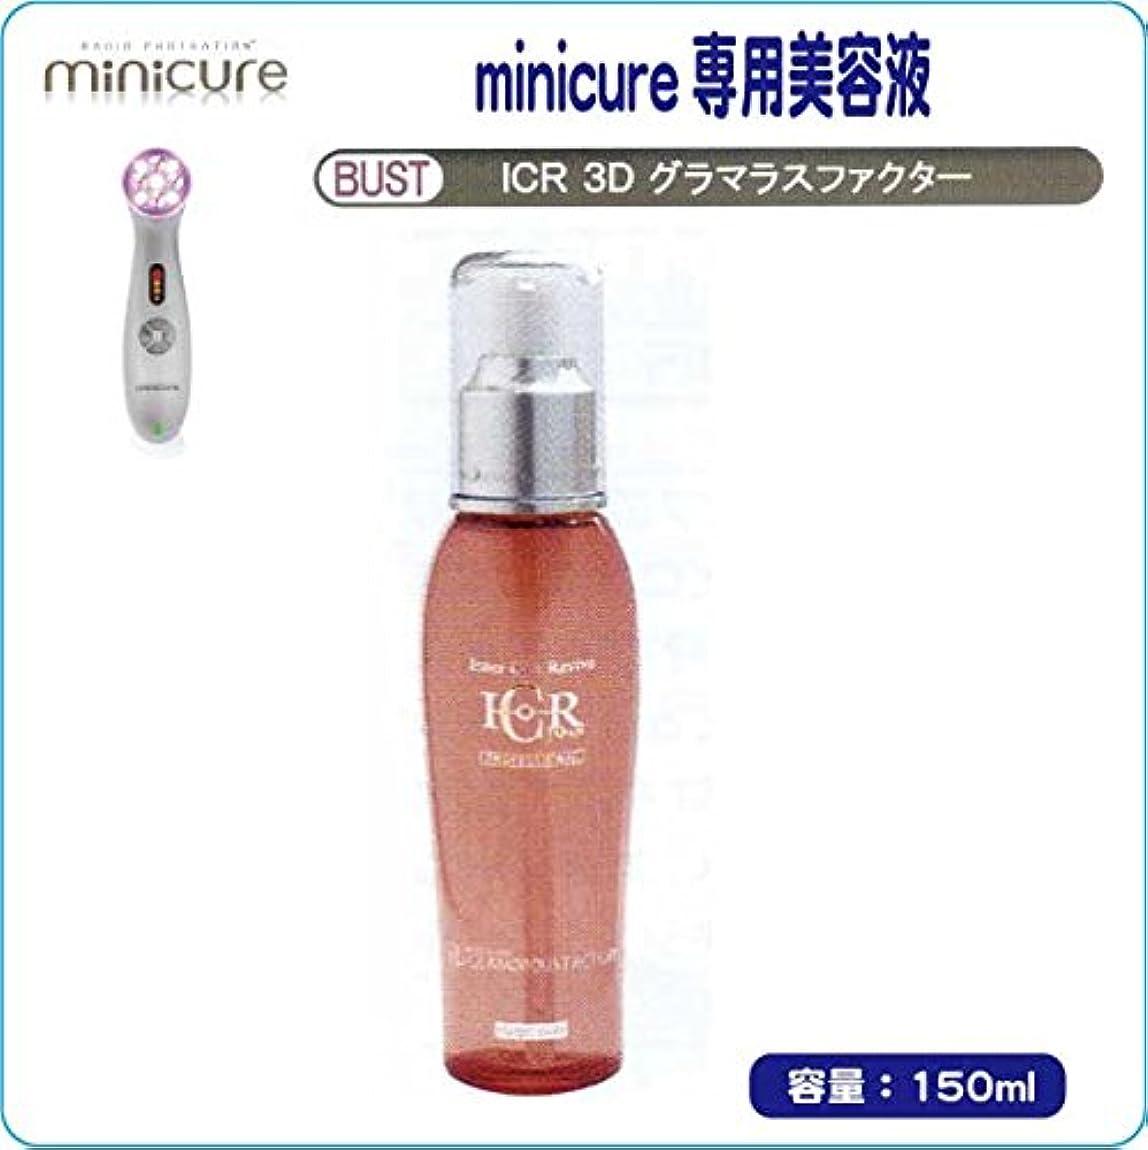 に頼る尾大【minicure専用美容液シリーズ】  【BUST】ICR 3D グラマラスファクター  150ml